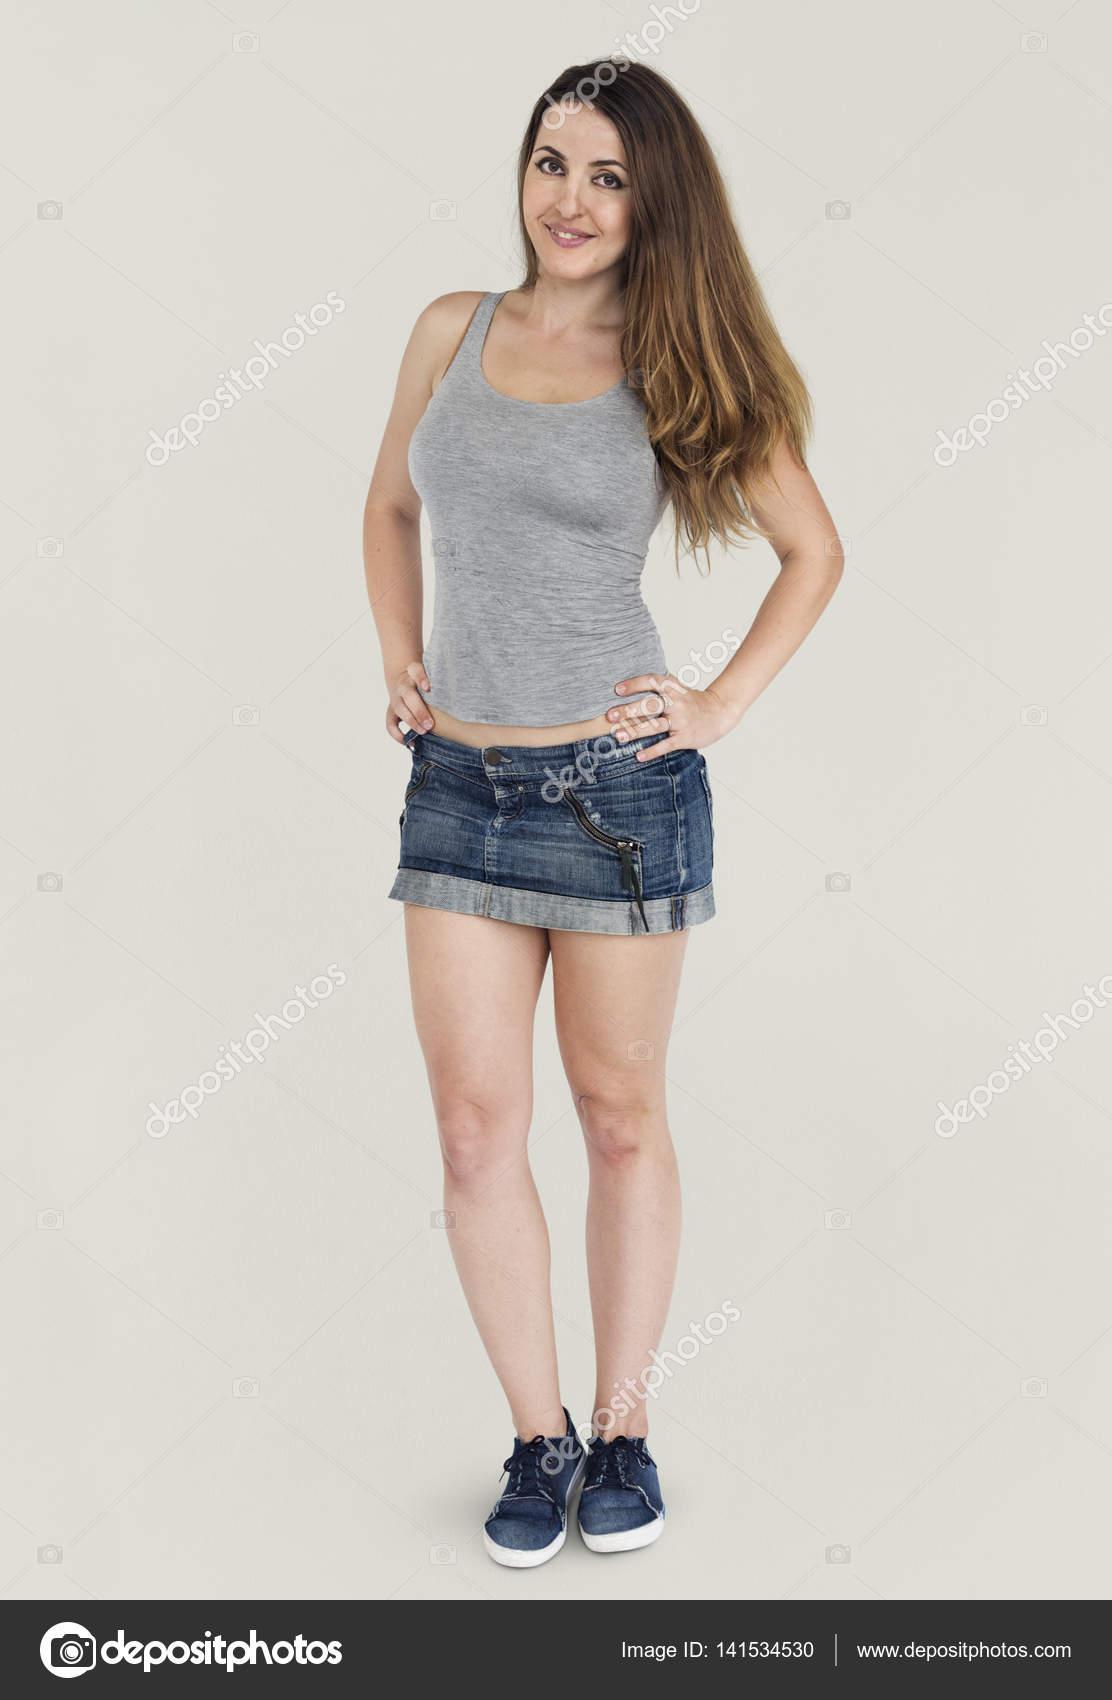 Фото эротичная красавица в джинсовой юбке